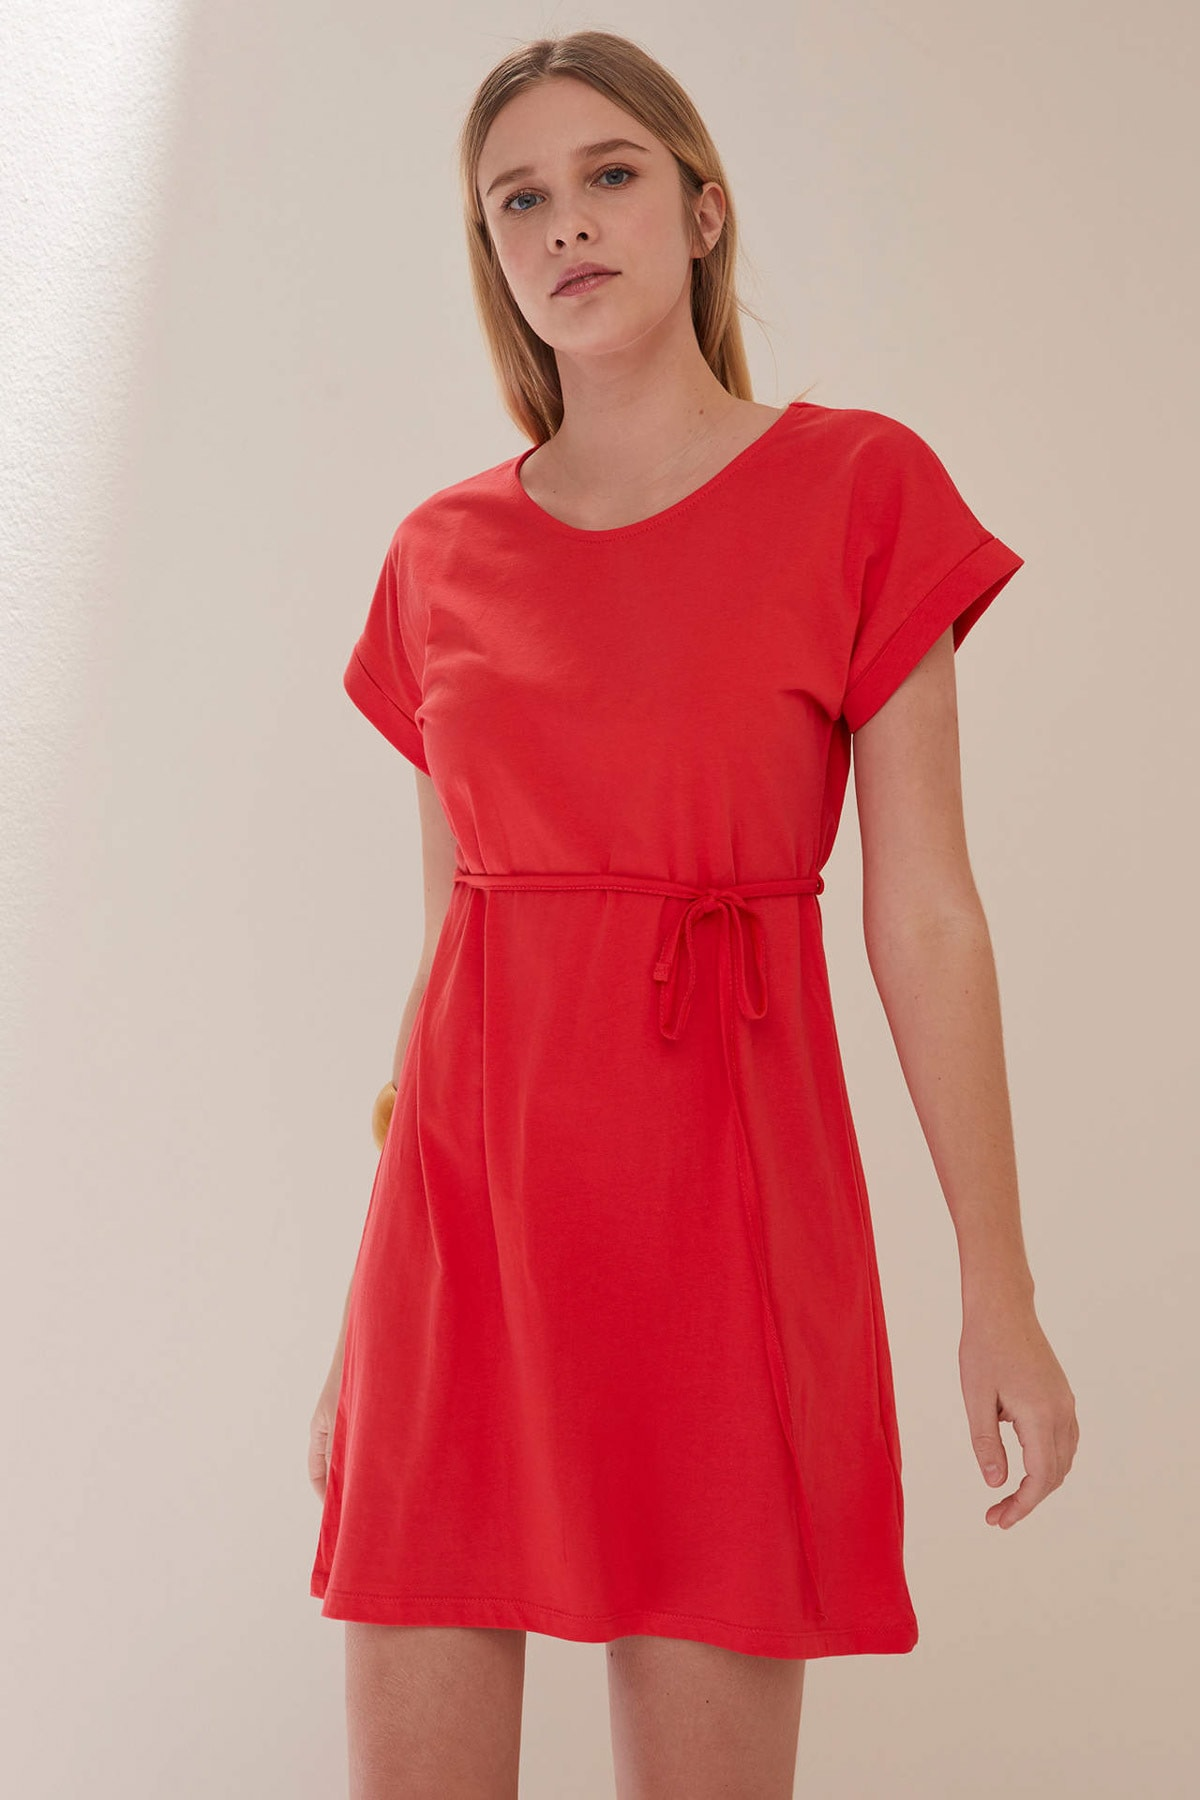 Belden Bağlama Detaylı Örme Elbise